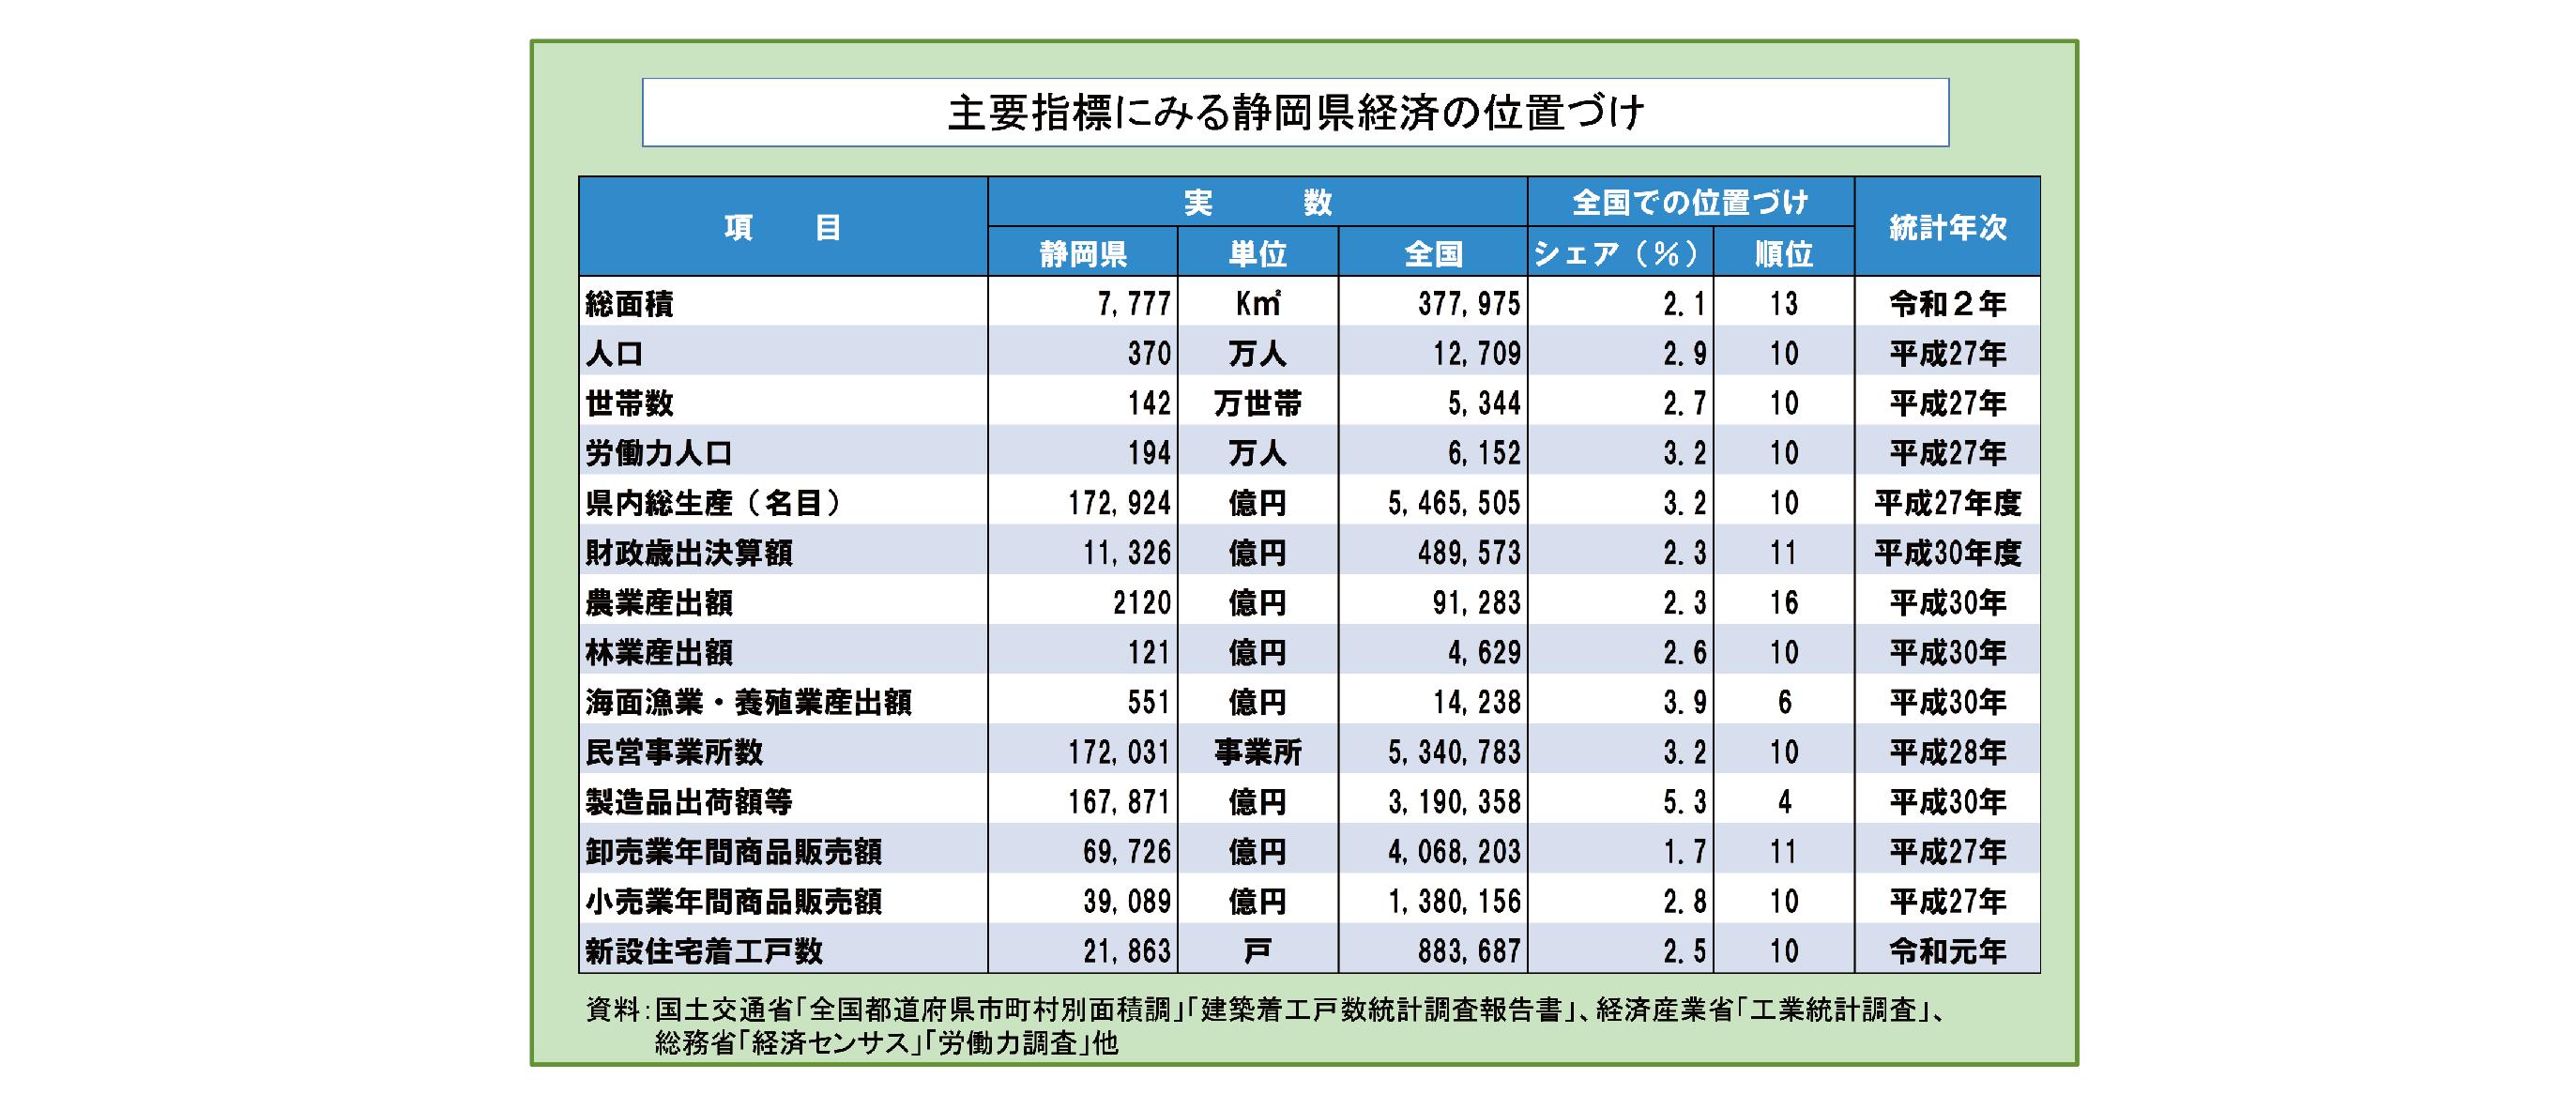 静岡県の産業